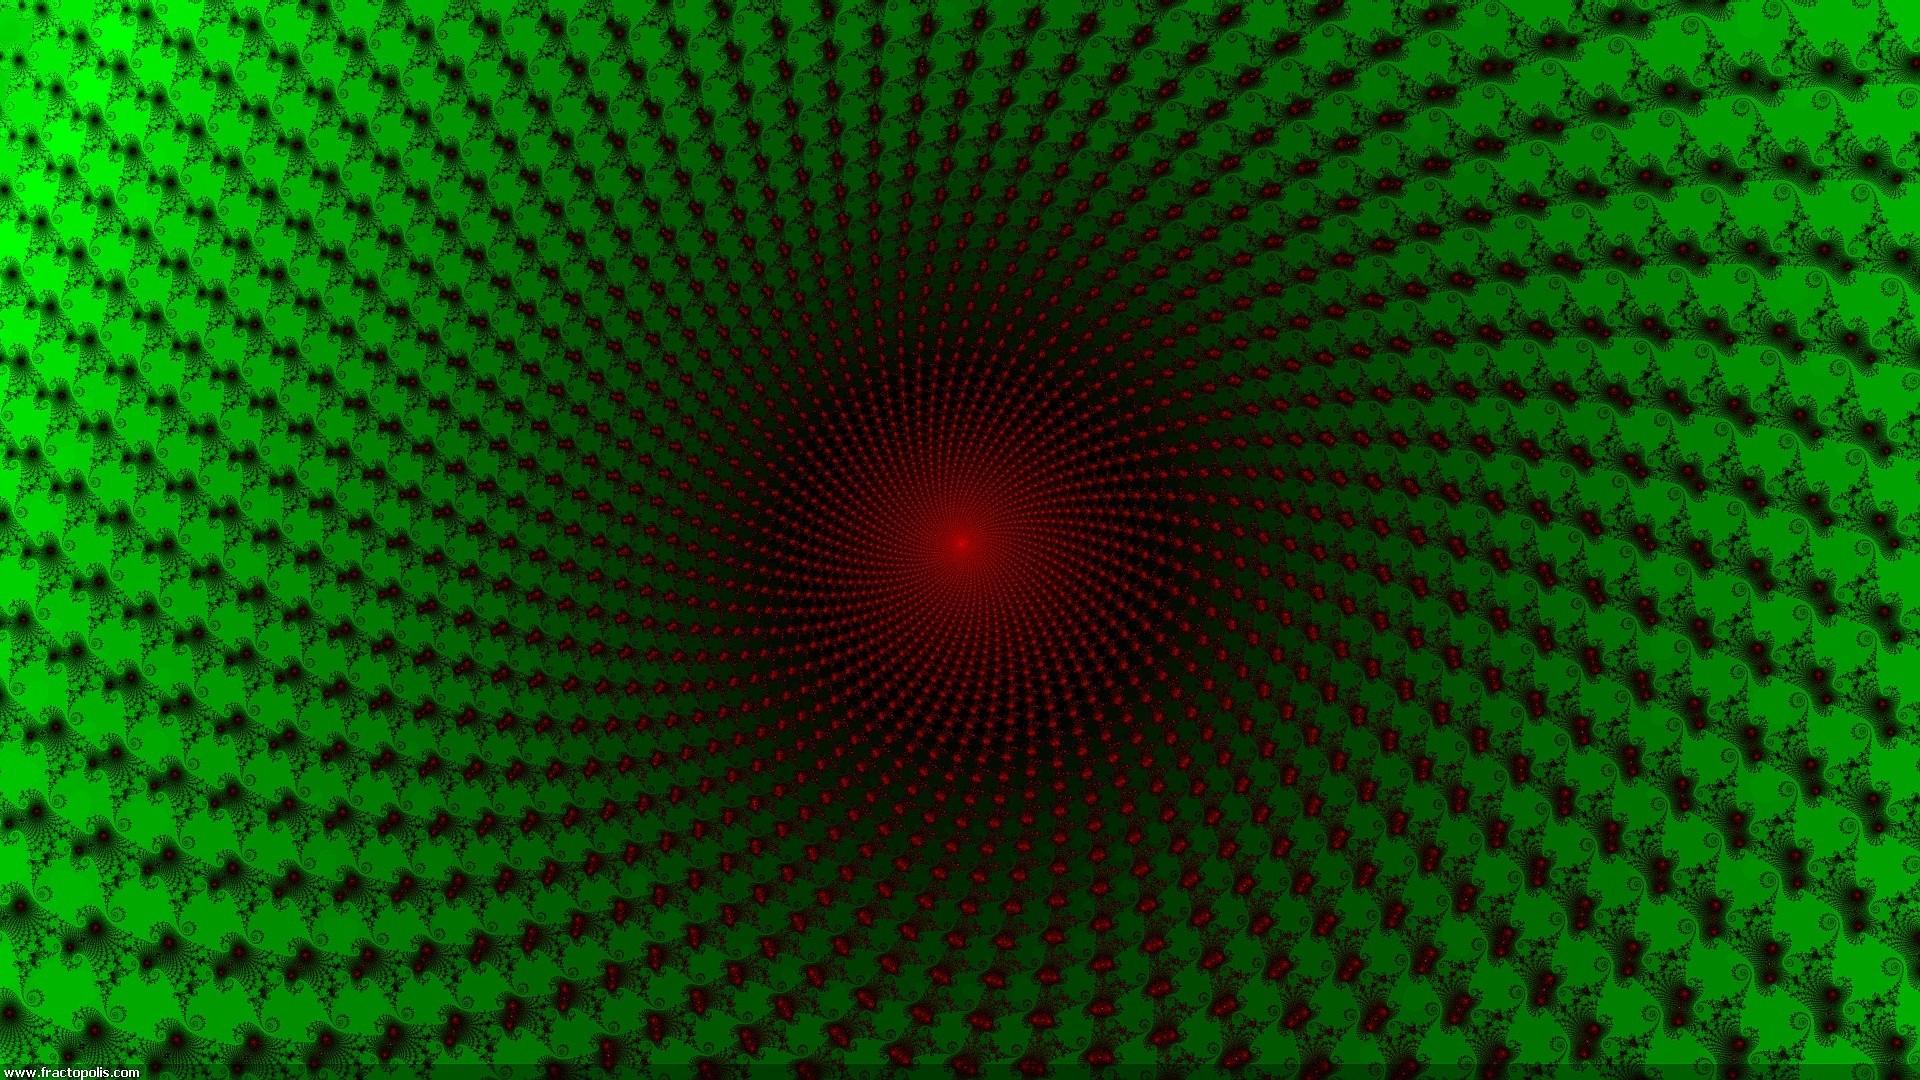 Dark Green Background Wallpaper: Dark Green Background ·① Download Free High Resolution